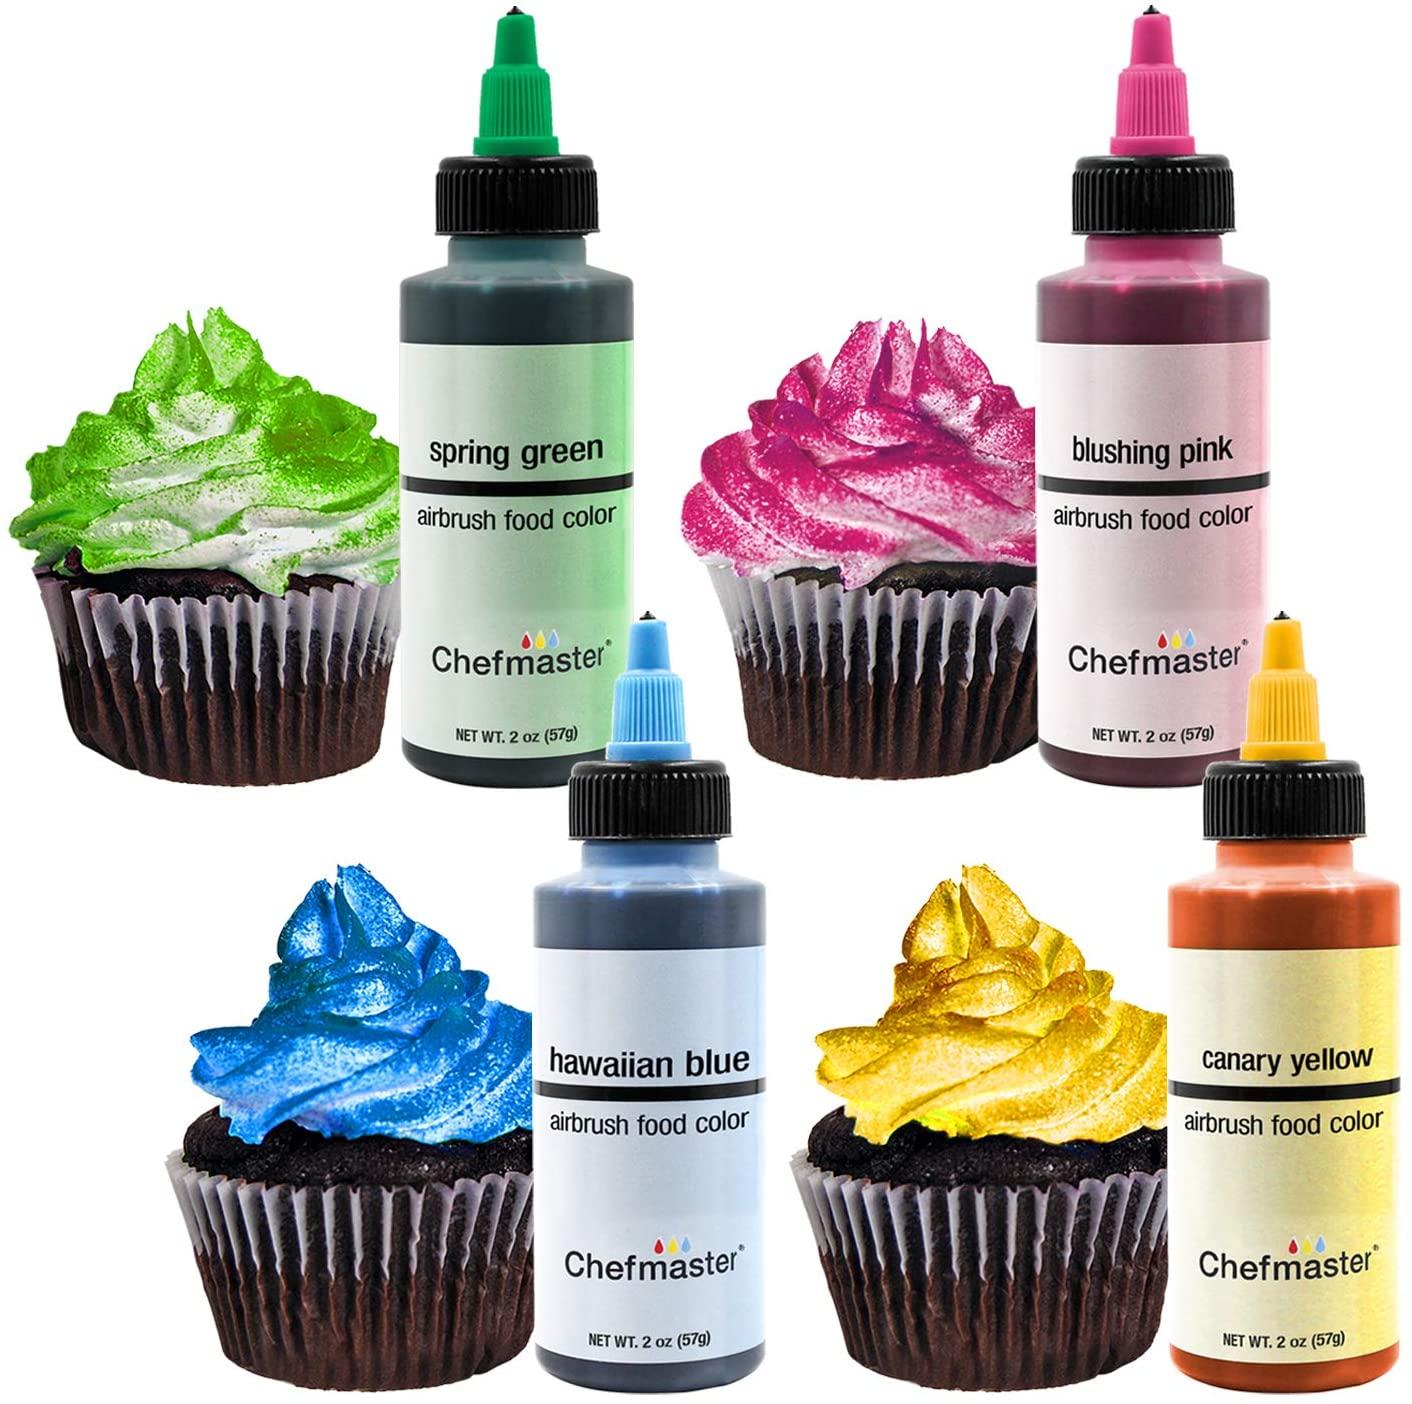 Chefmaster Air Brush Food Coloring 2